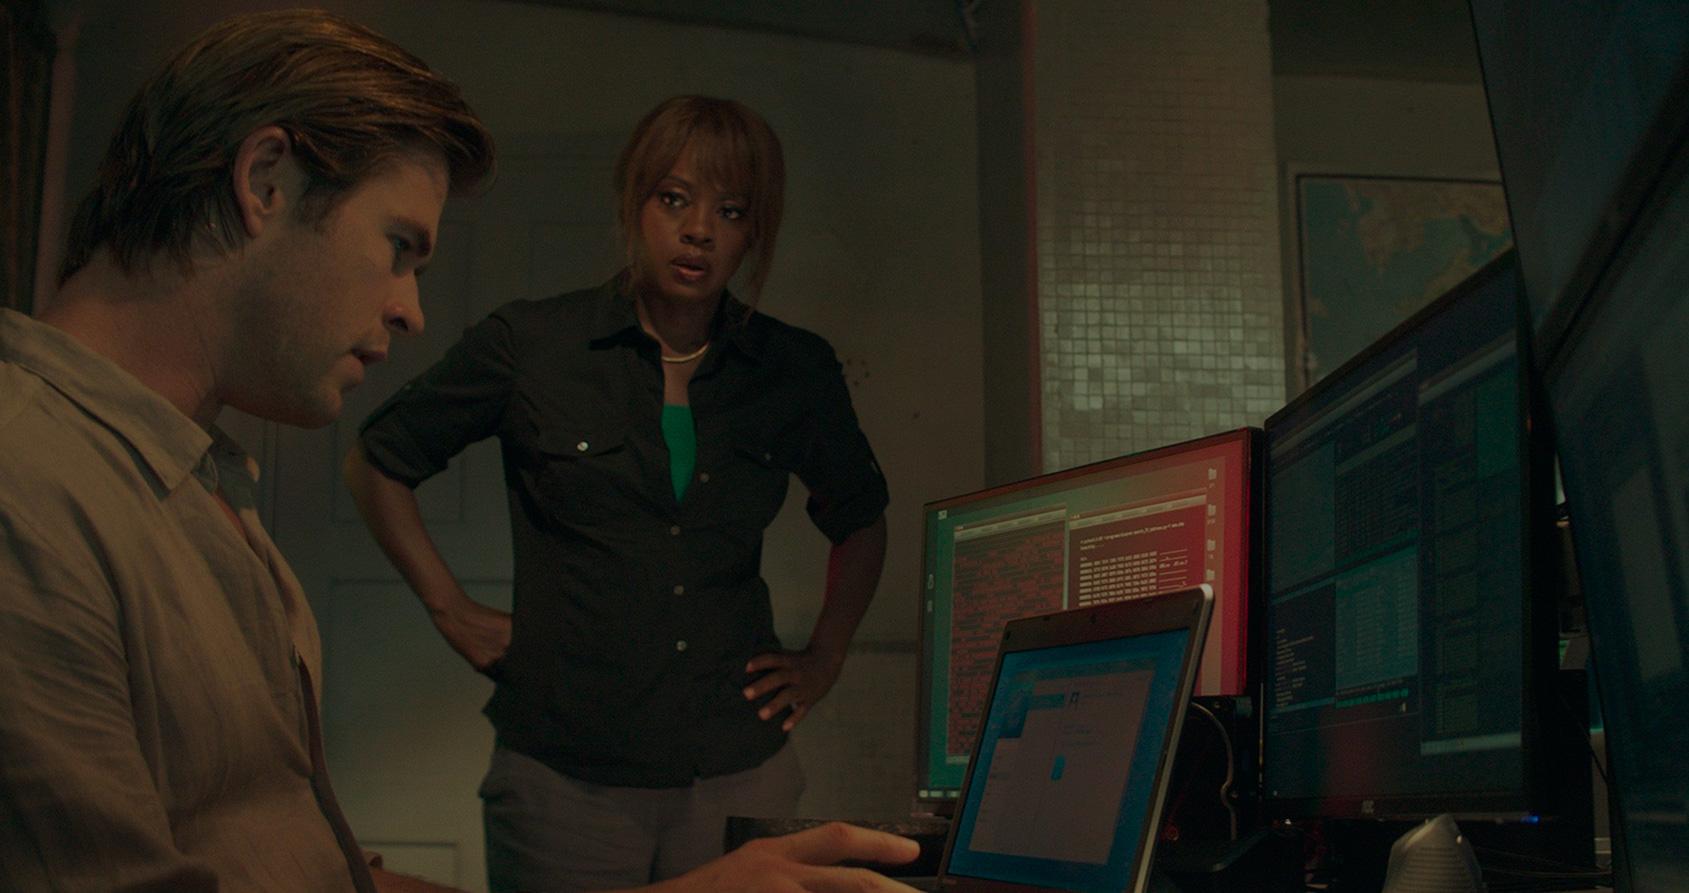 Pourquoi les hackers sont-ils toujours ratés dans les films ?